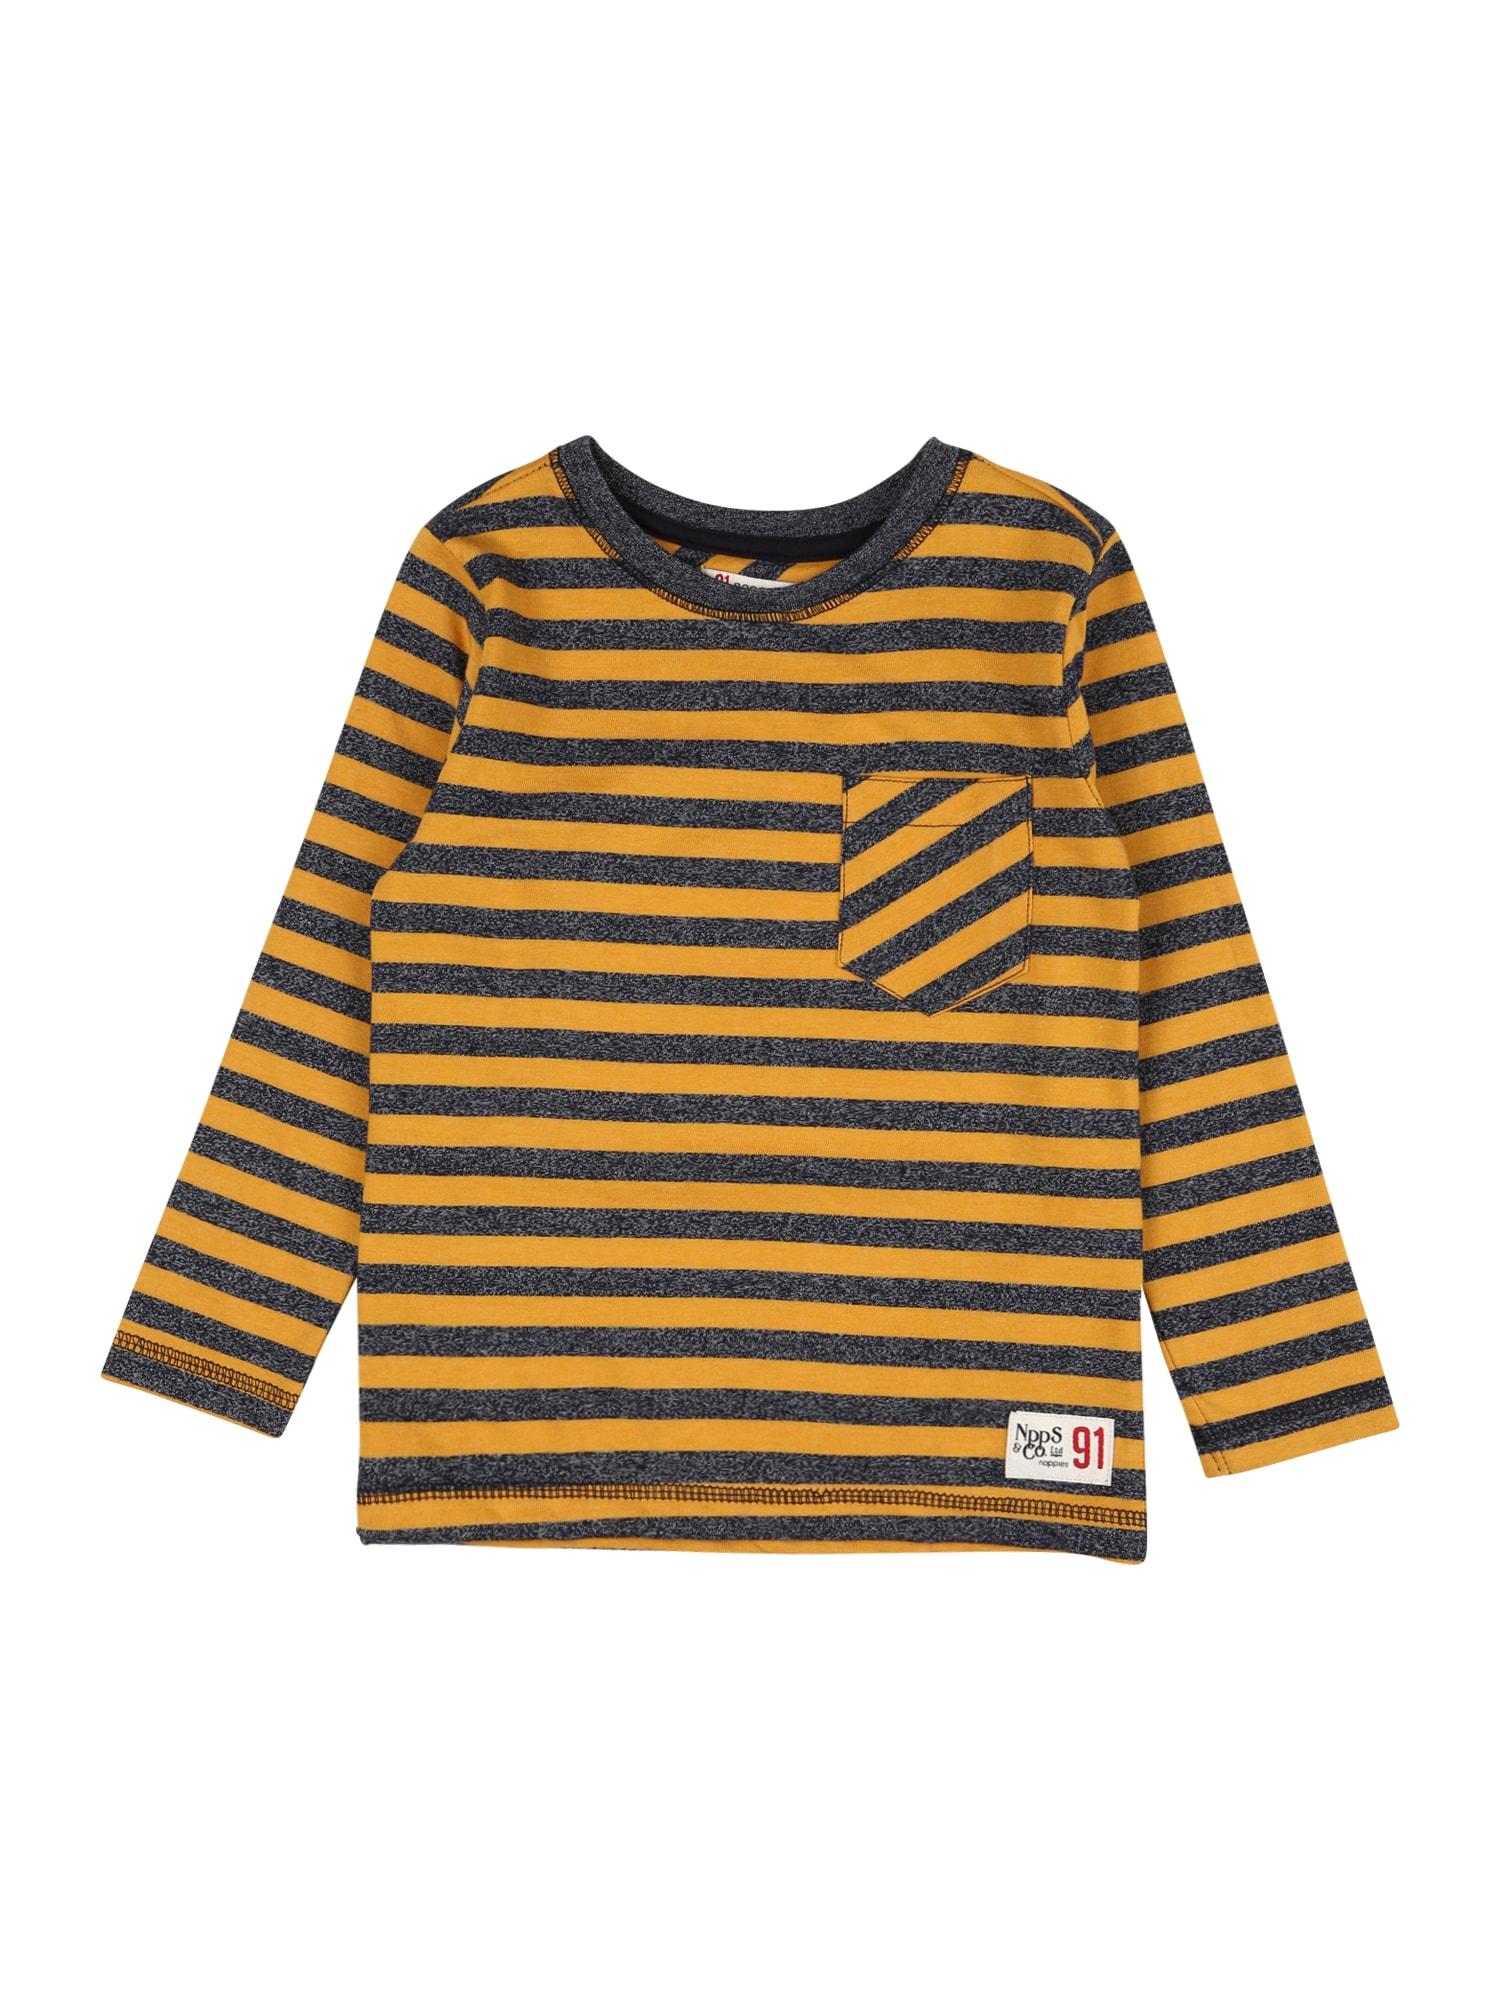 Noppies Tričko 'Norvalspond'  černá / zlatě žlutá / tmavě šedá